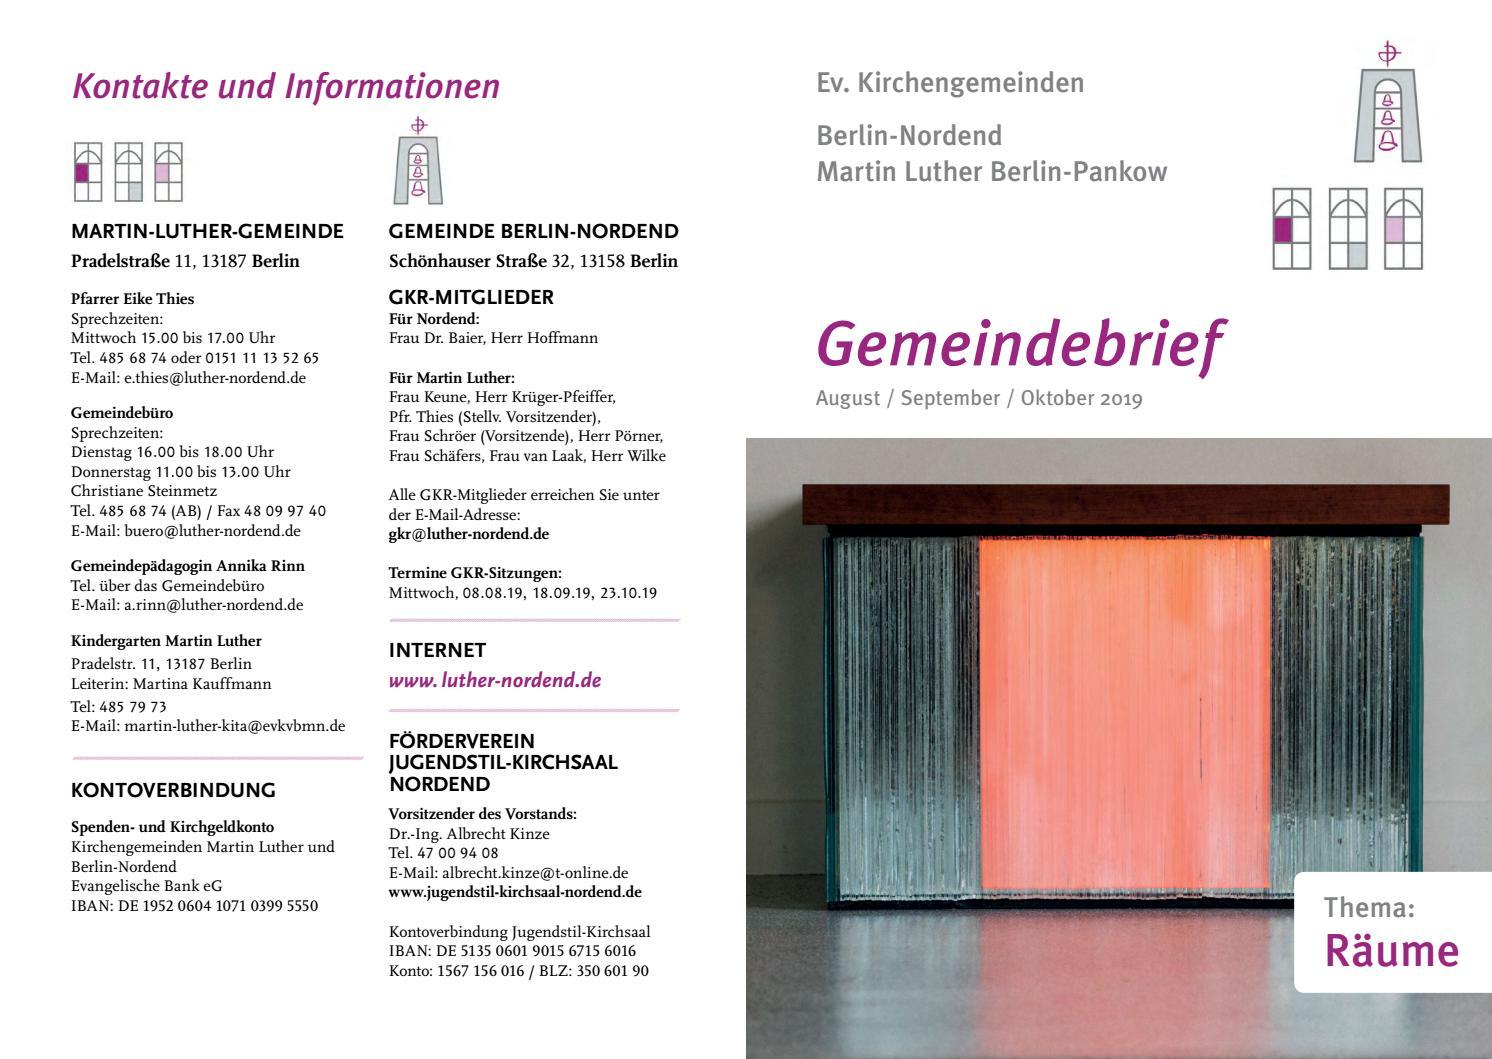 Gemeindebrief Martin Luther Nordend August bis Oktober